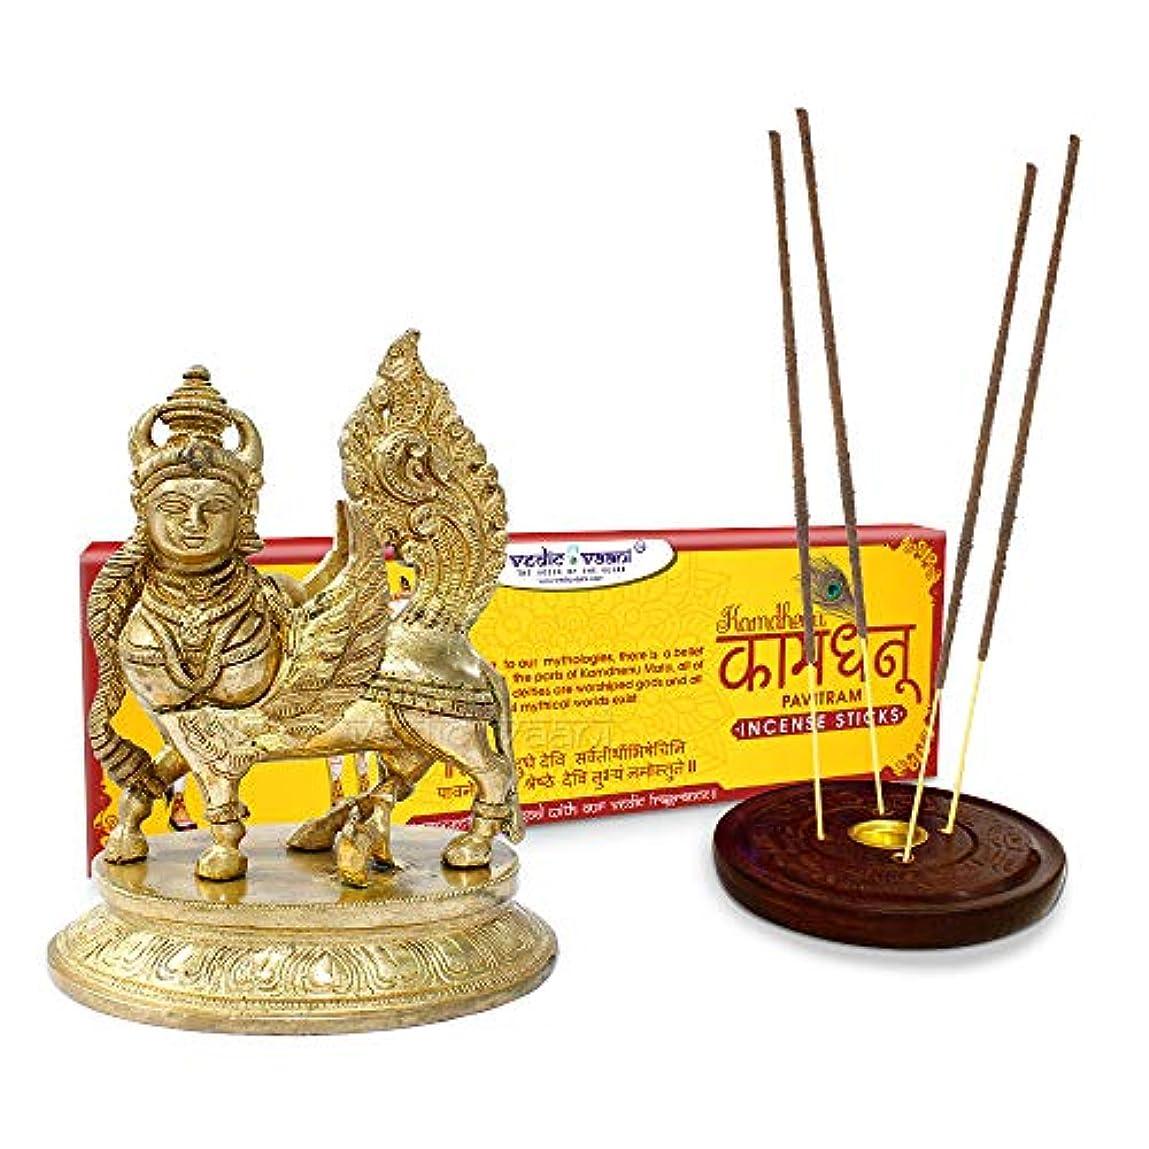 松の木鬼ごっこカップVedic Vaani Kamdhenu Idol 真鍮製 Kamdhenu お香スティック